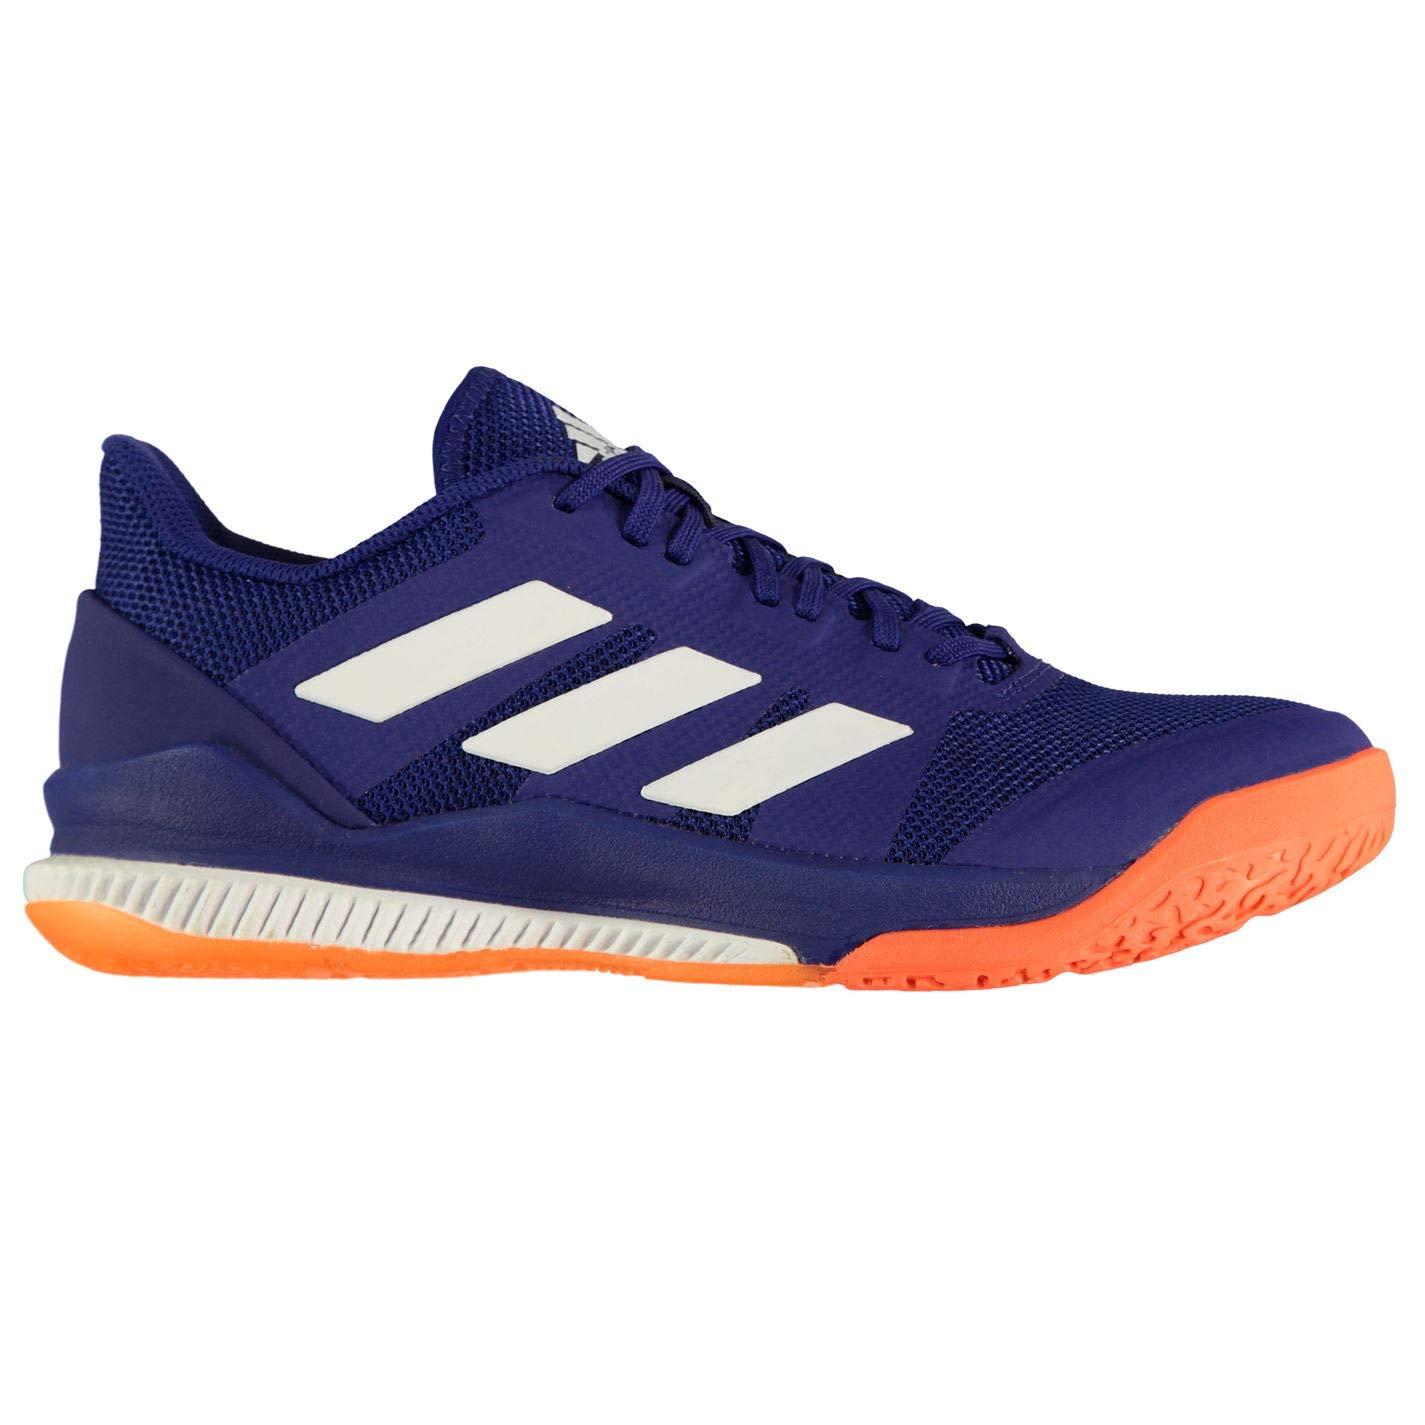 Blå adidas adidas adidas herrar Stabil Bounce Handball skor  tveka inte! köp nu!